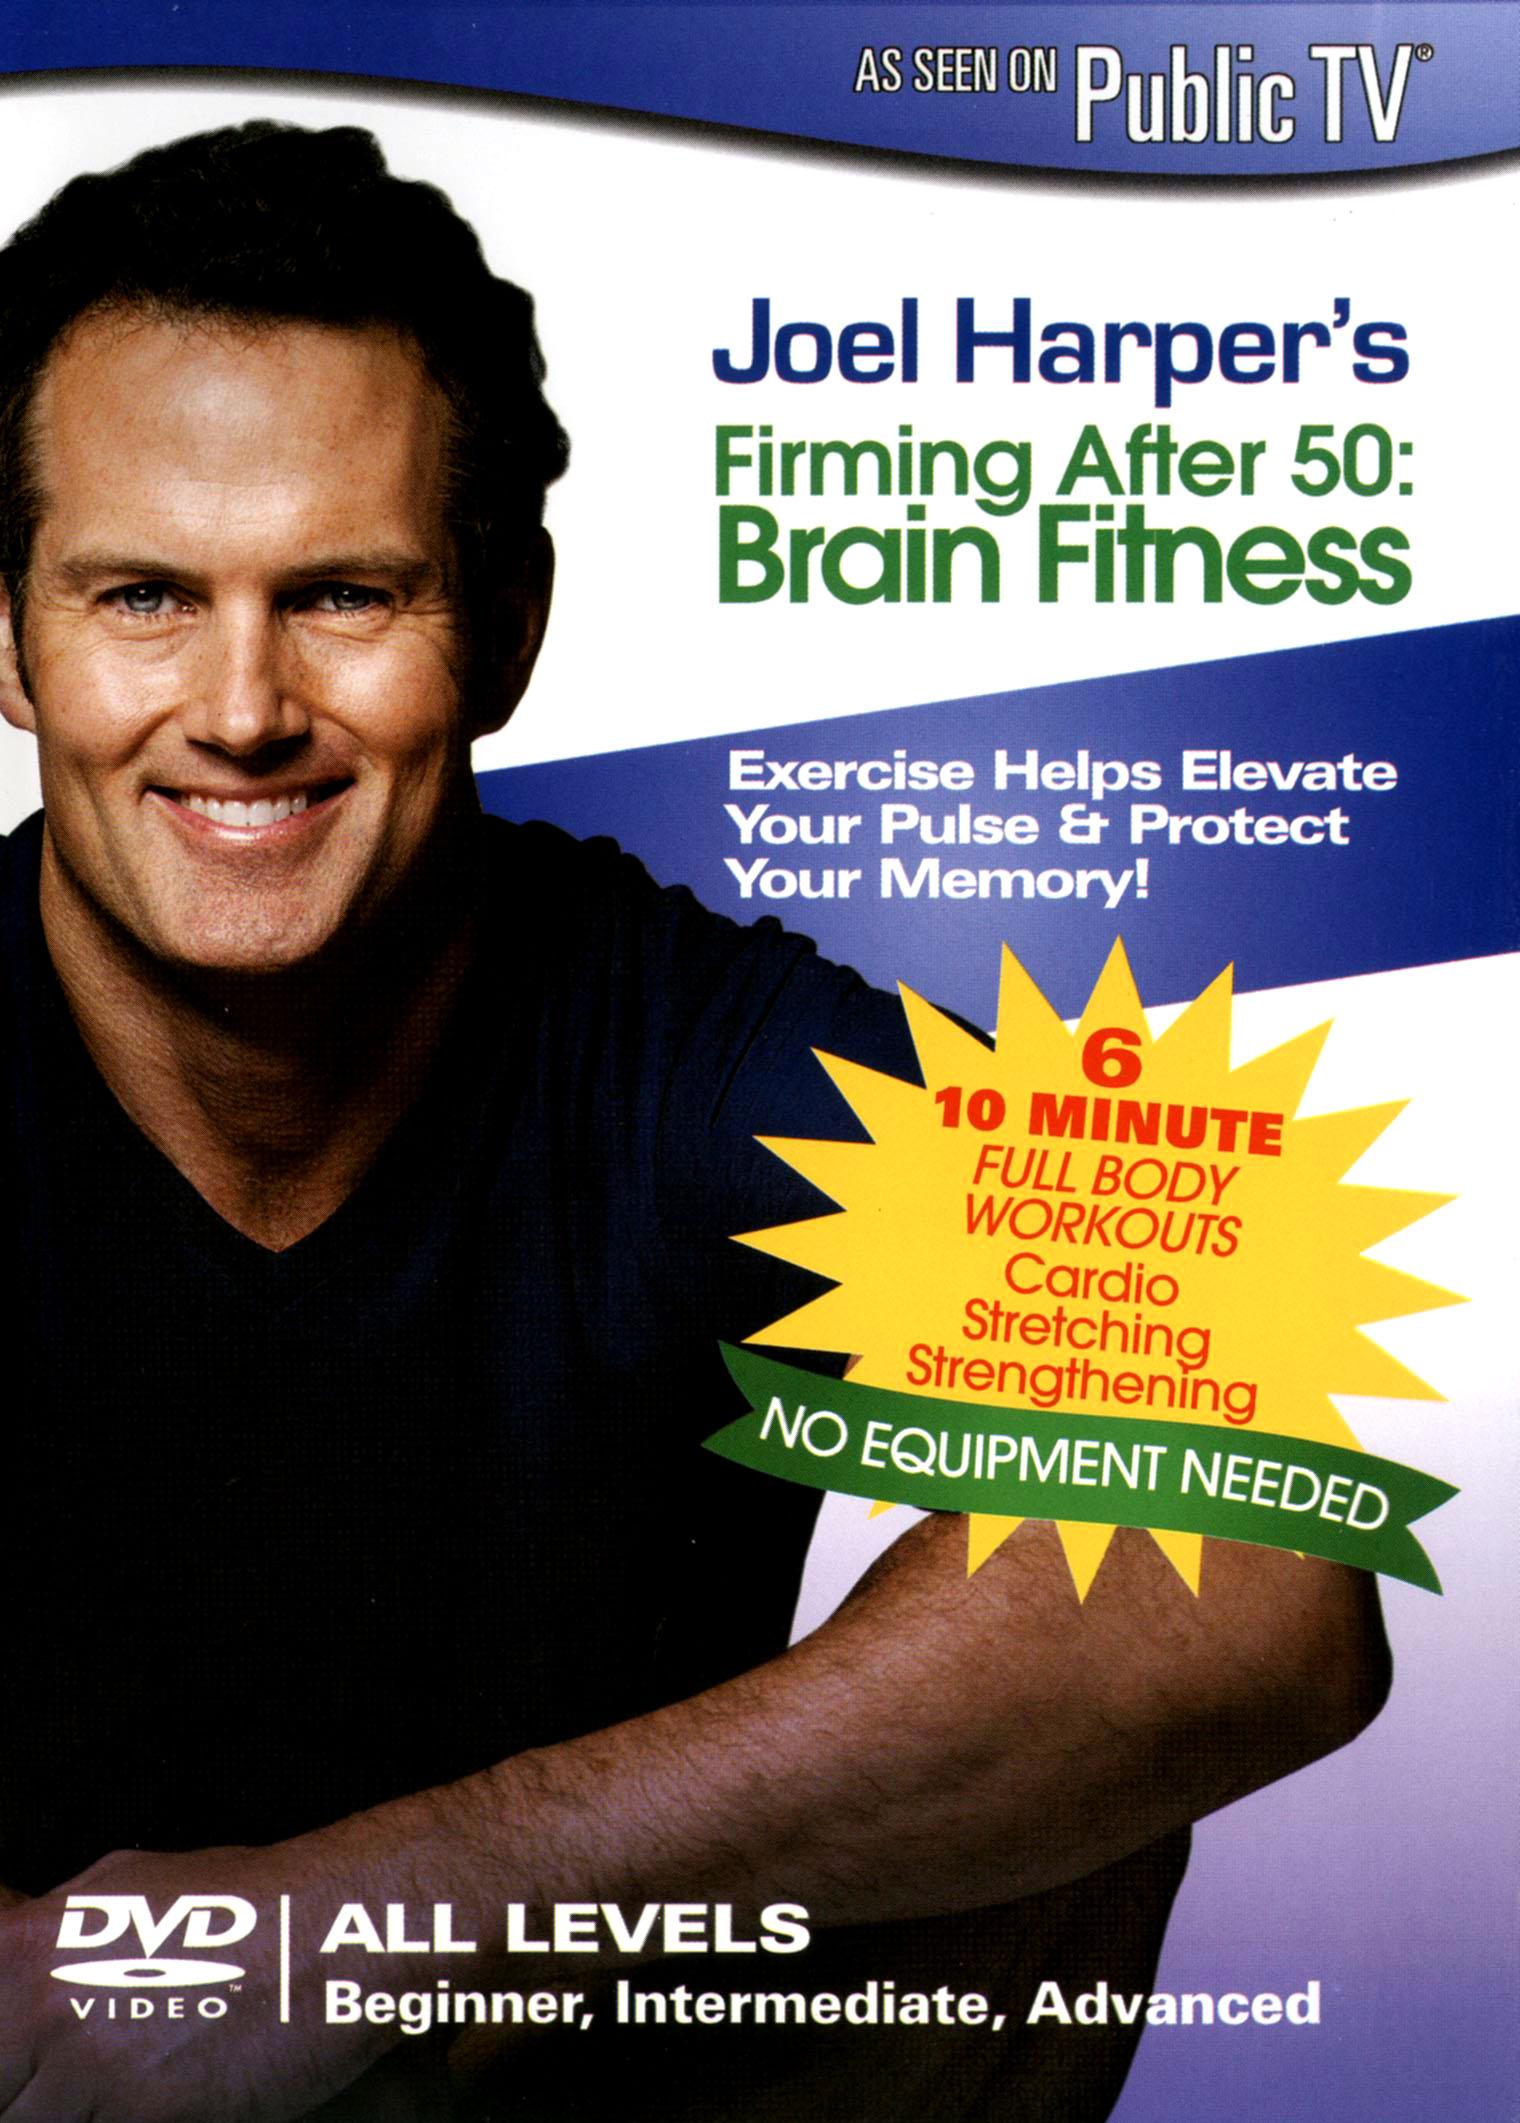 Joel Harper's Firming After 50: Brain Fitness